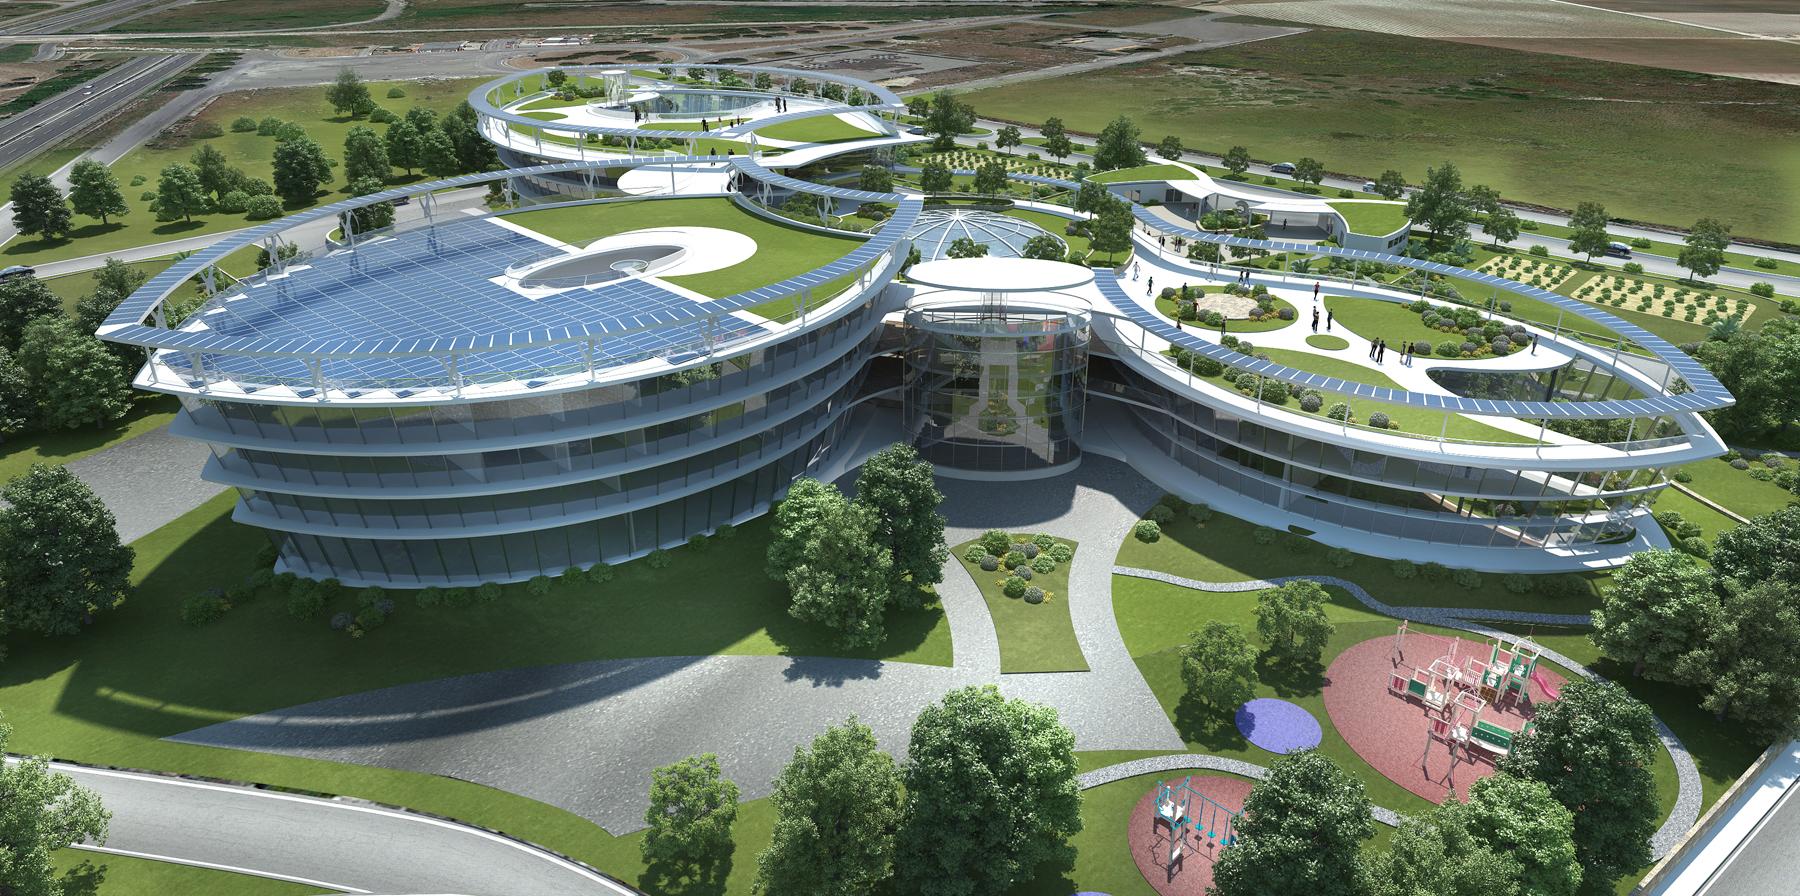 HQ Campus